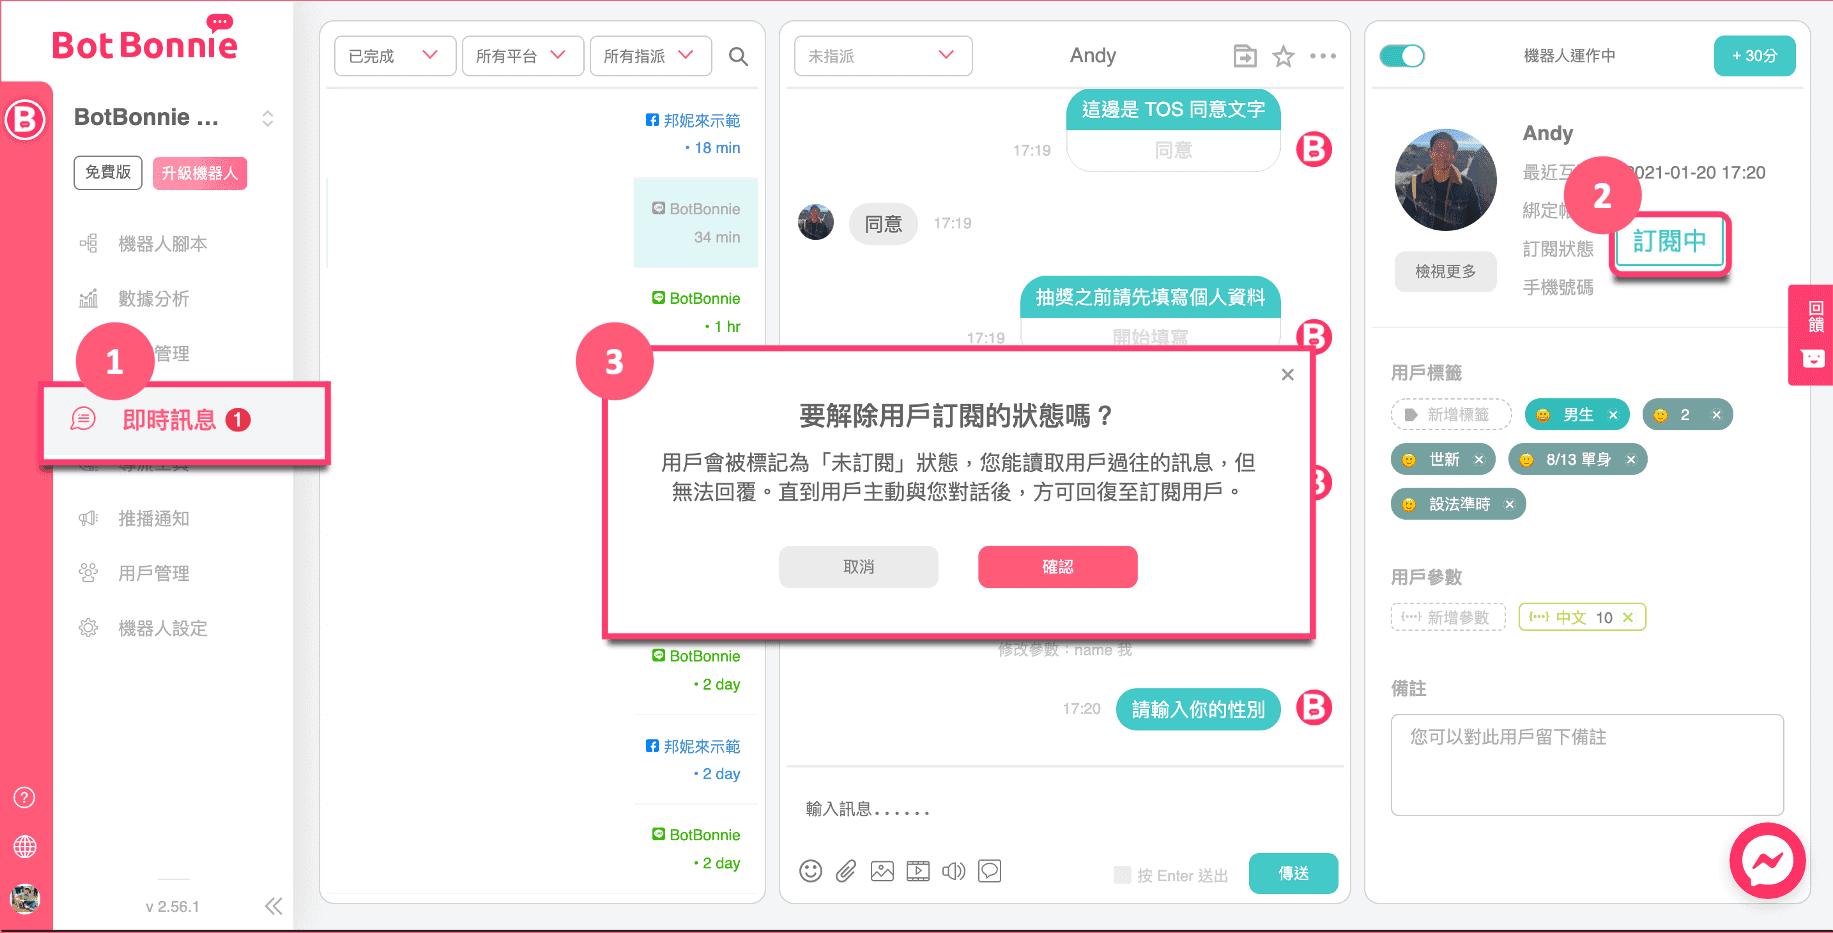 即時訊息頁面能調整用戶訂閱狀態